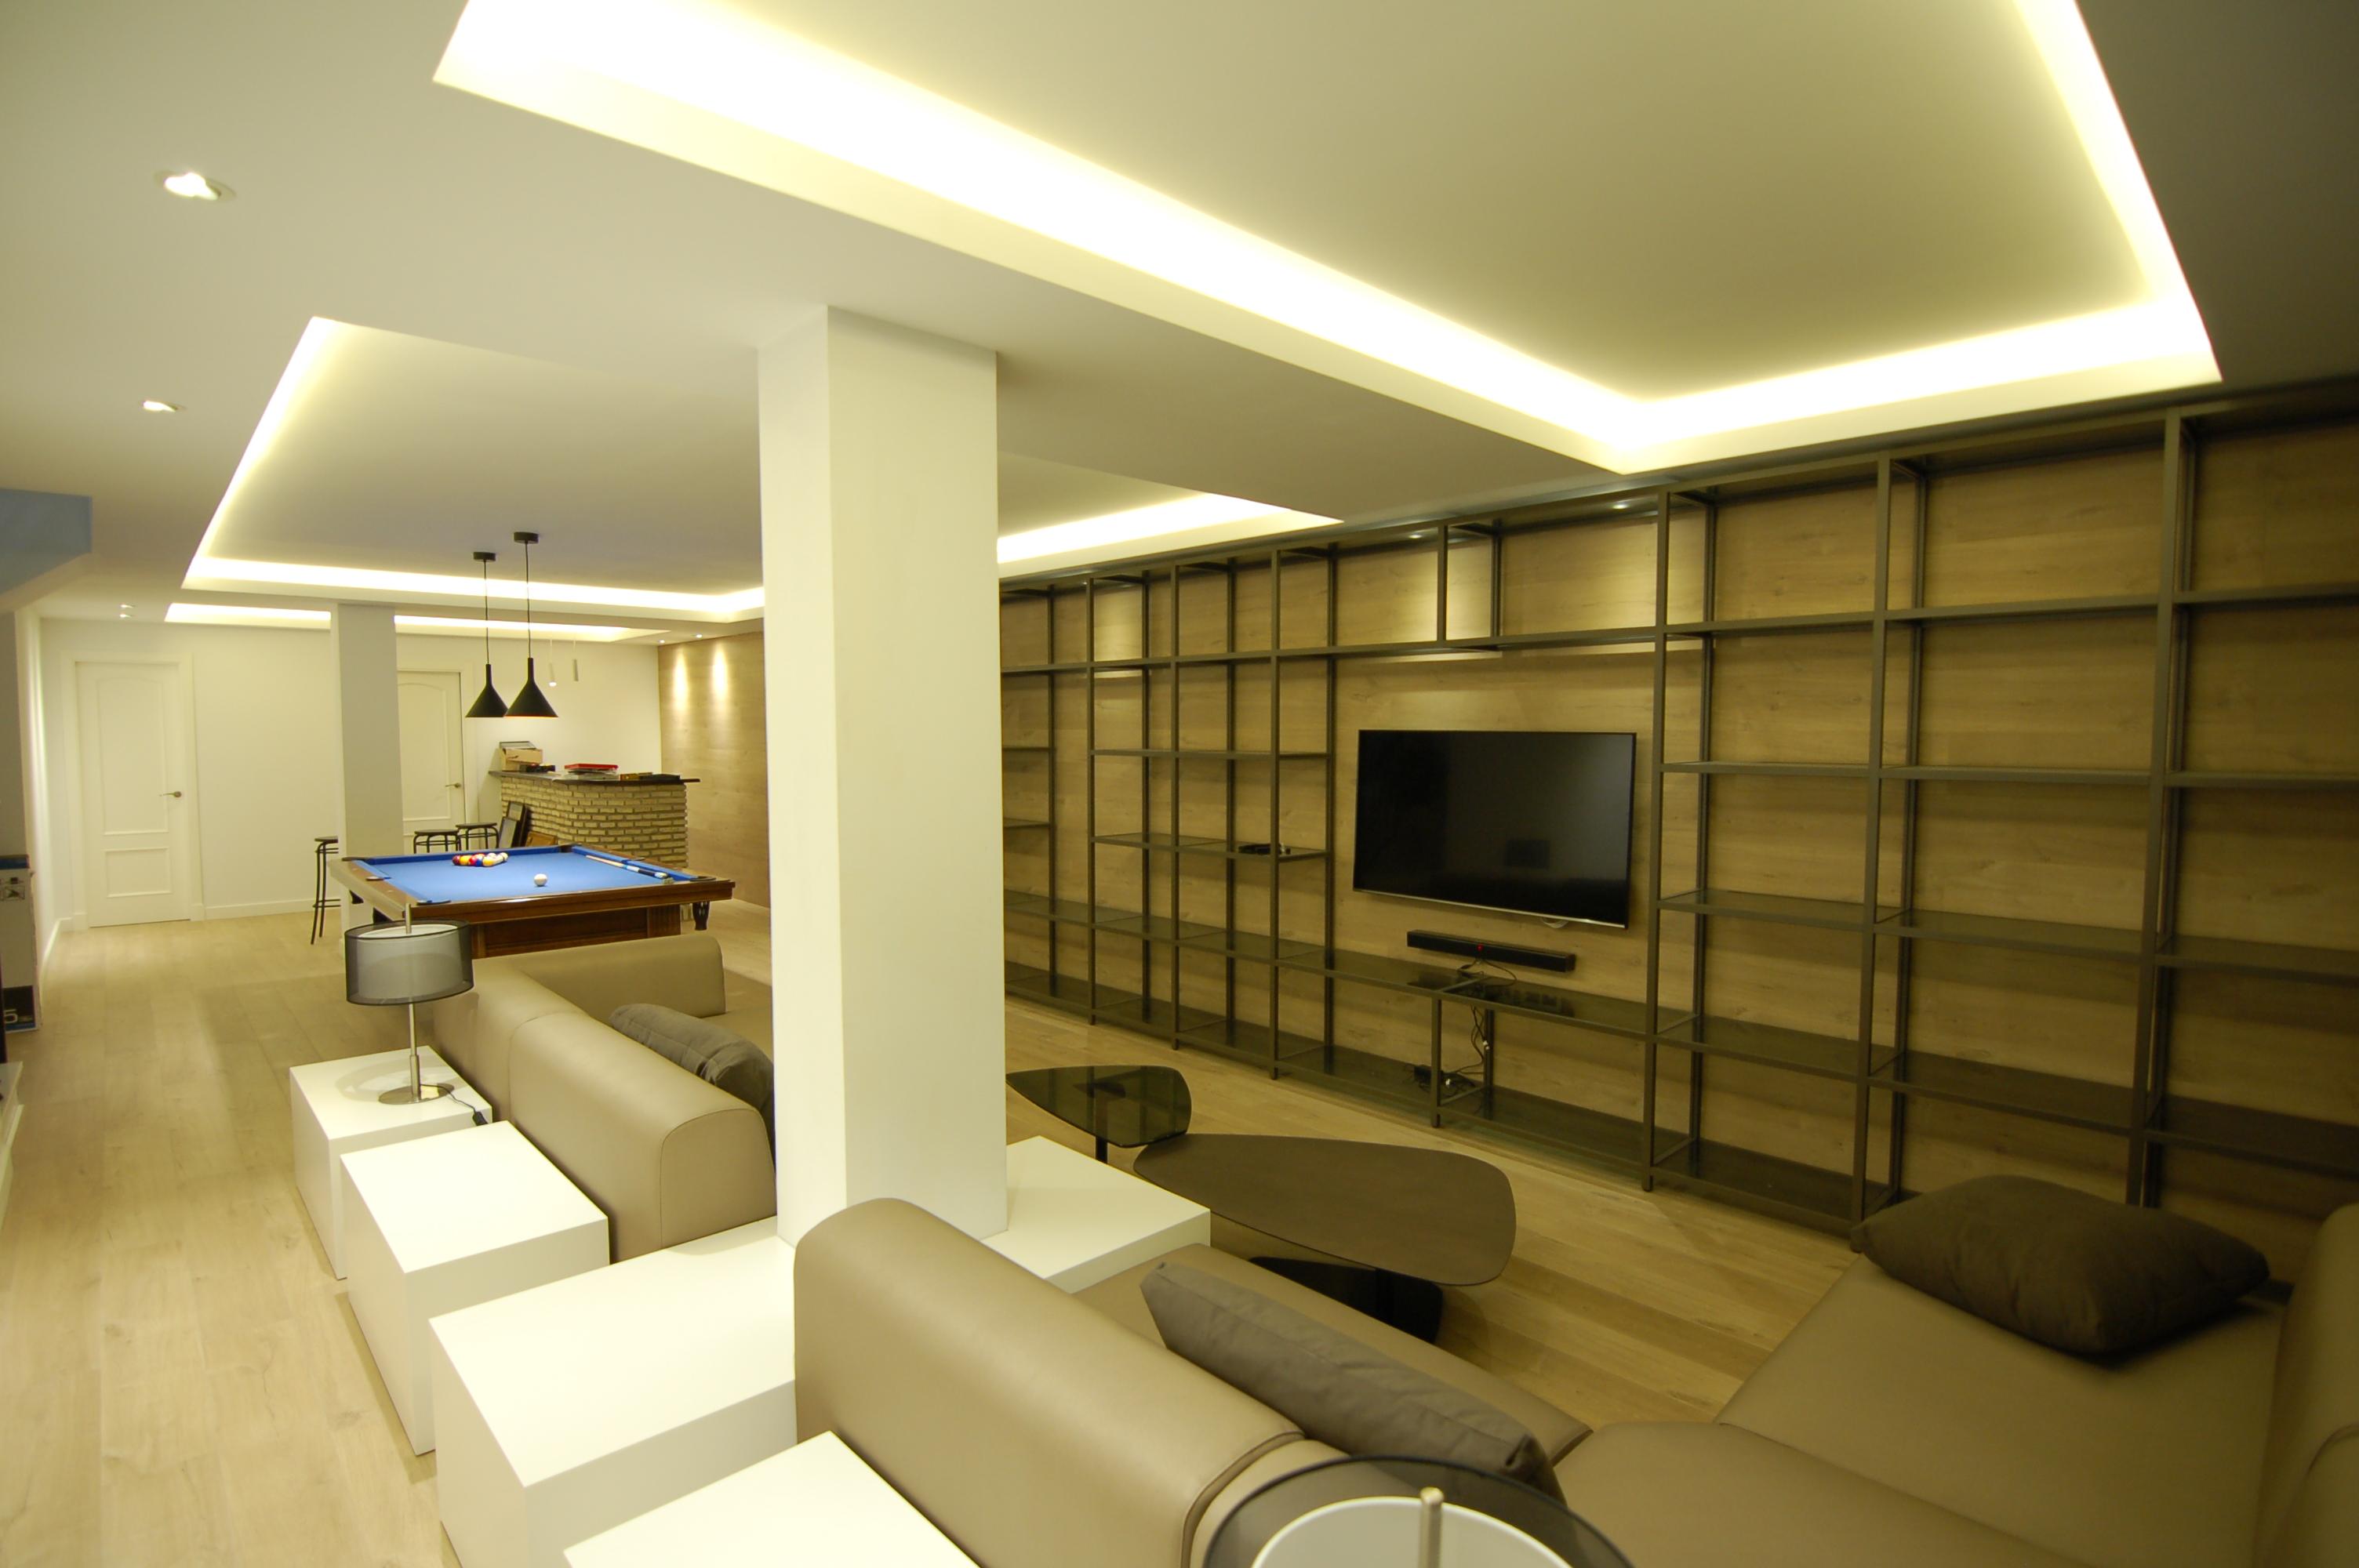 Decoracion integral espacio de sotano diseno de - Diseno interiores sevilla ...